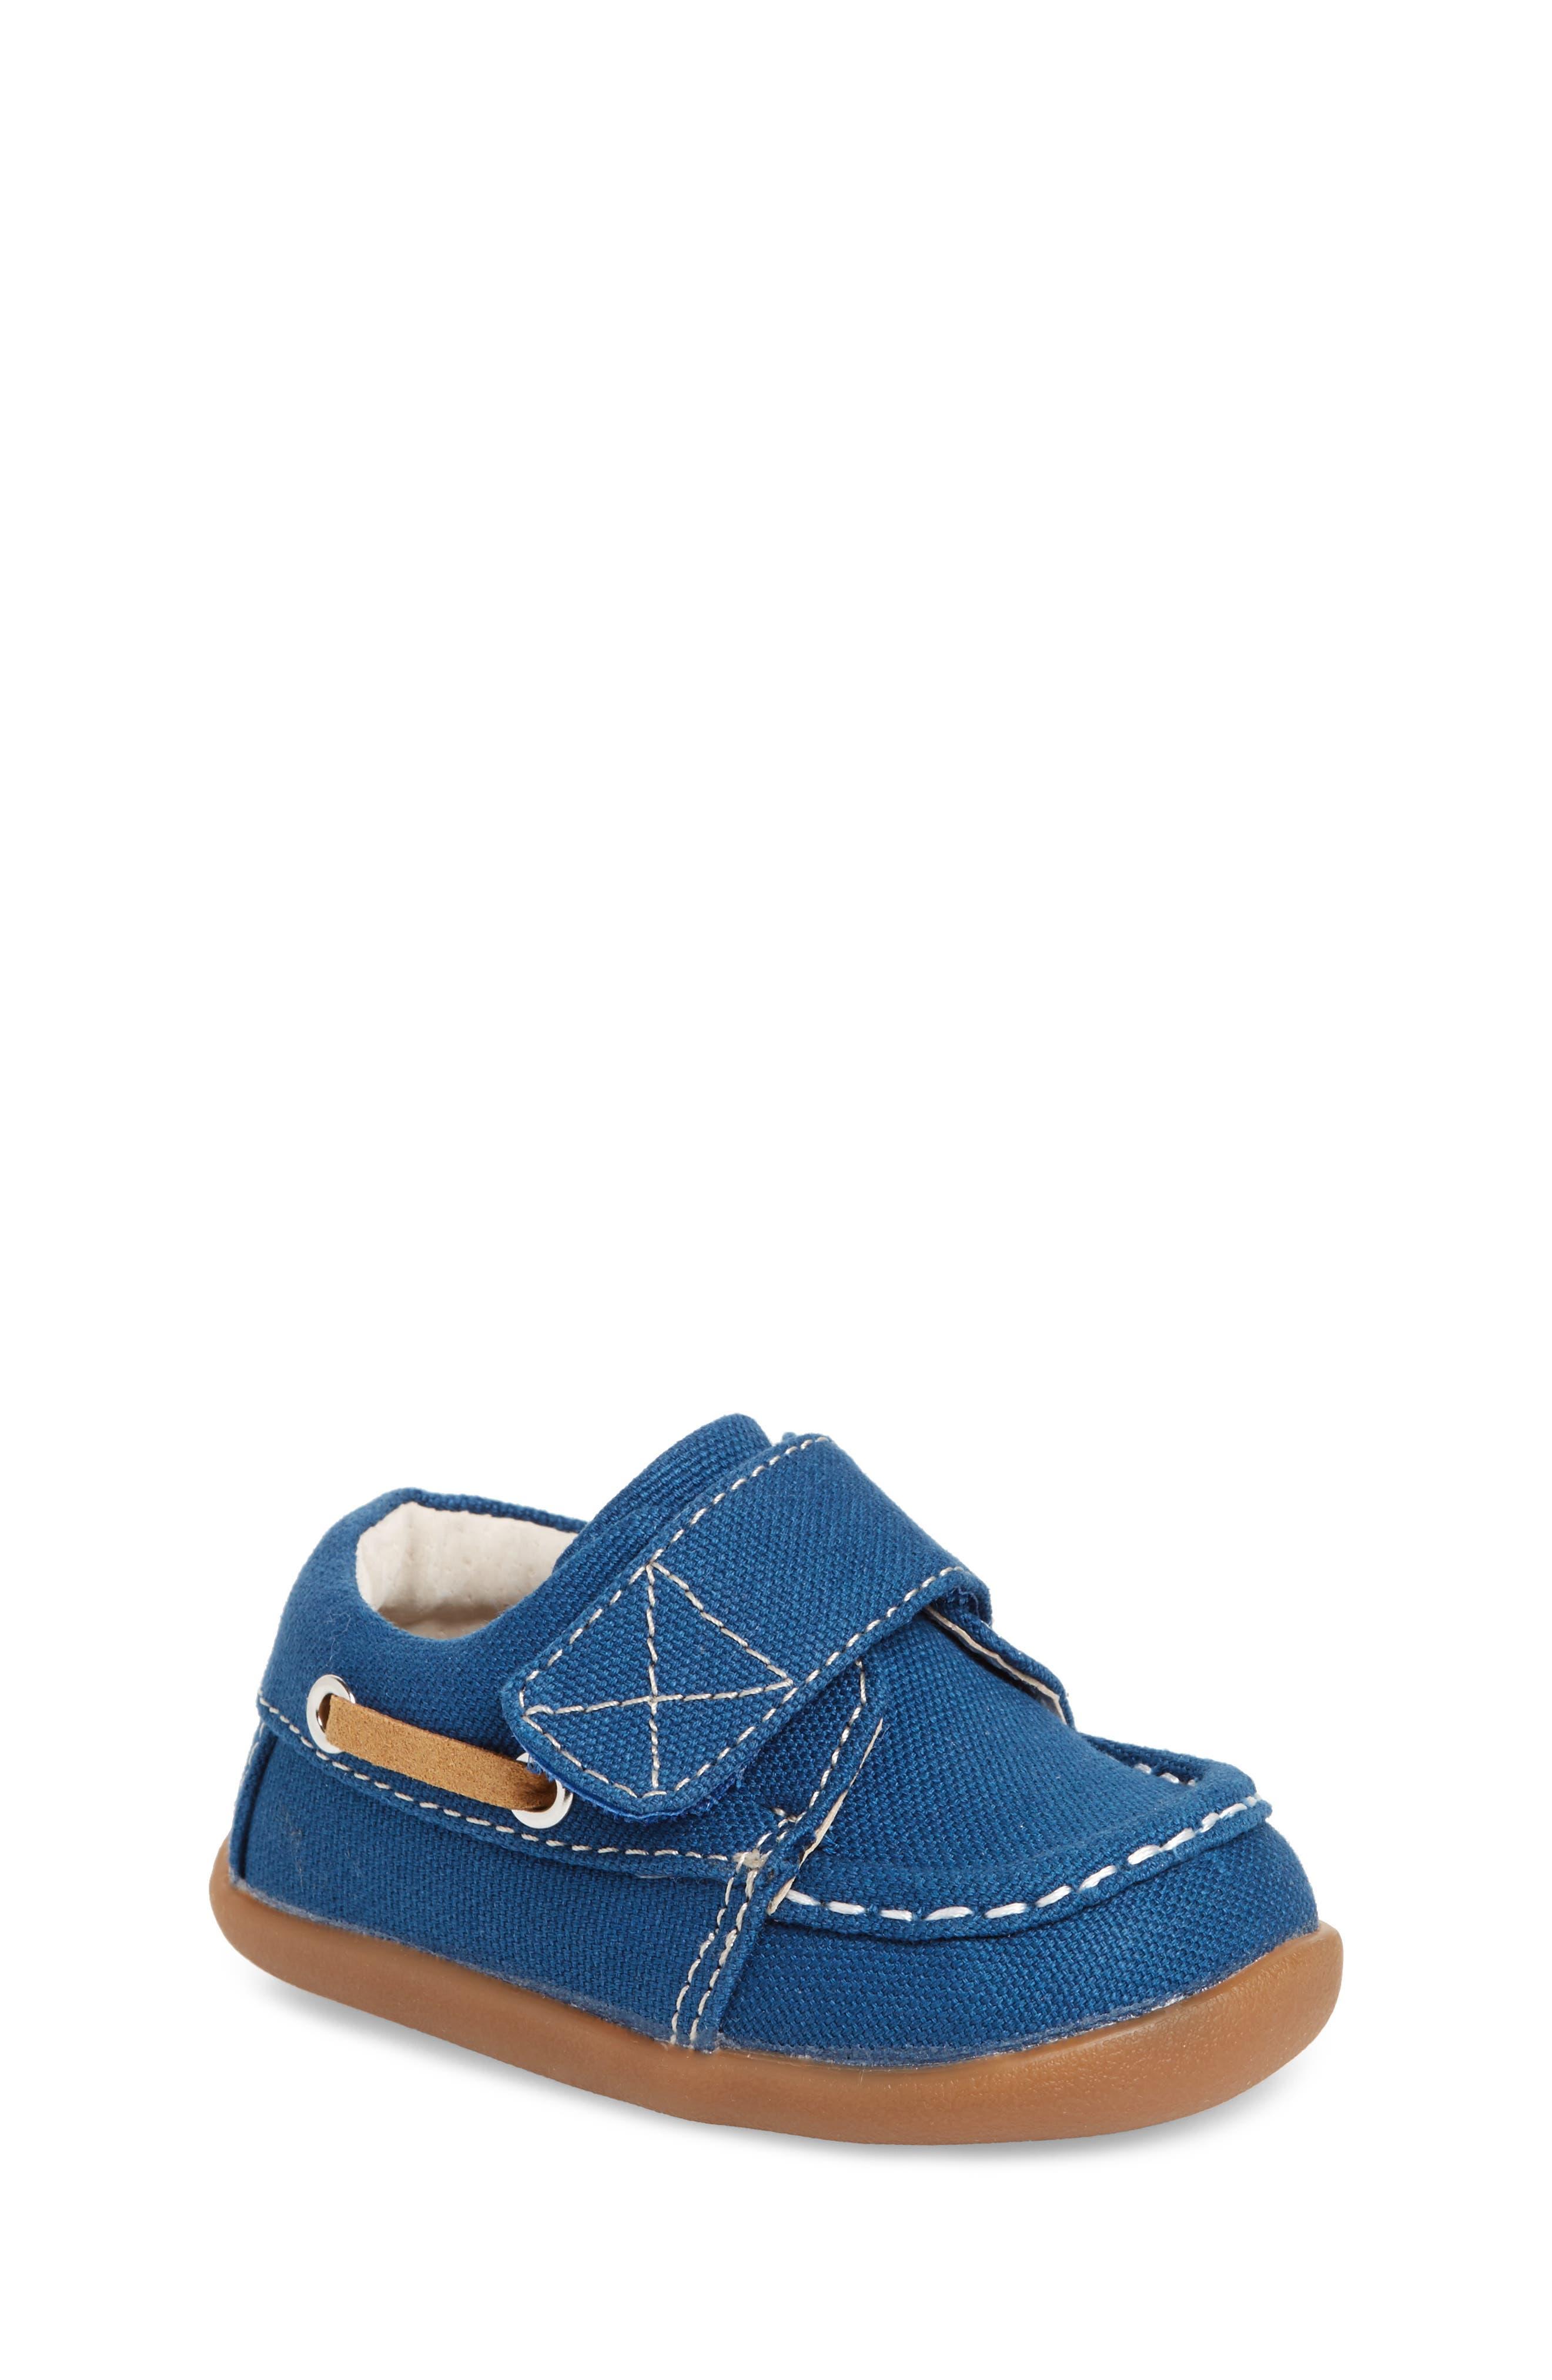 Arthur Sneaker,                         Main,                         color, Blue Canvas